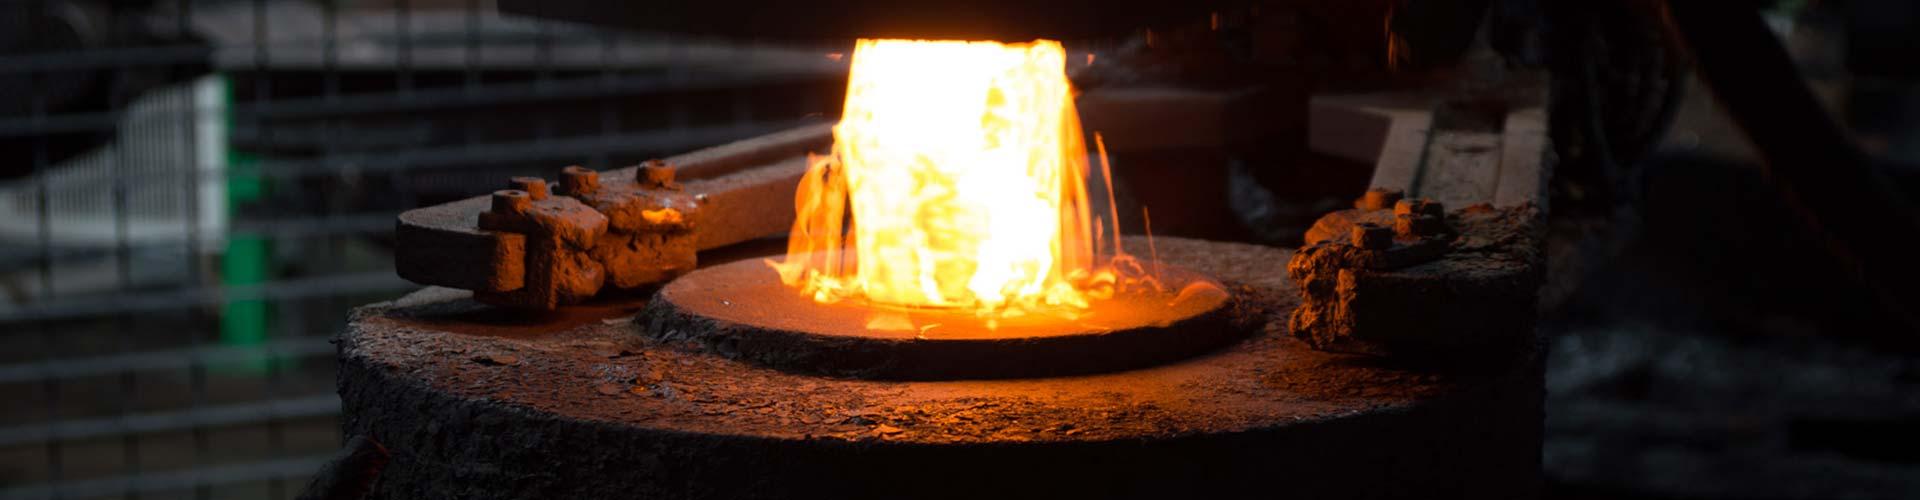 stampaggio a caldo dell'acciaio FIM